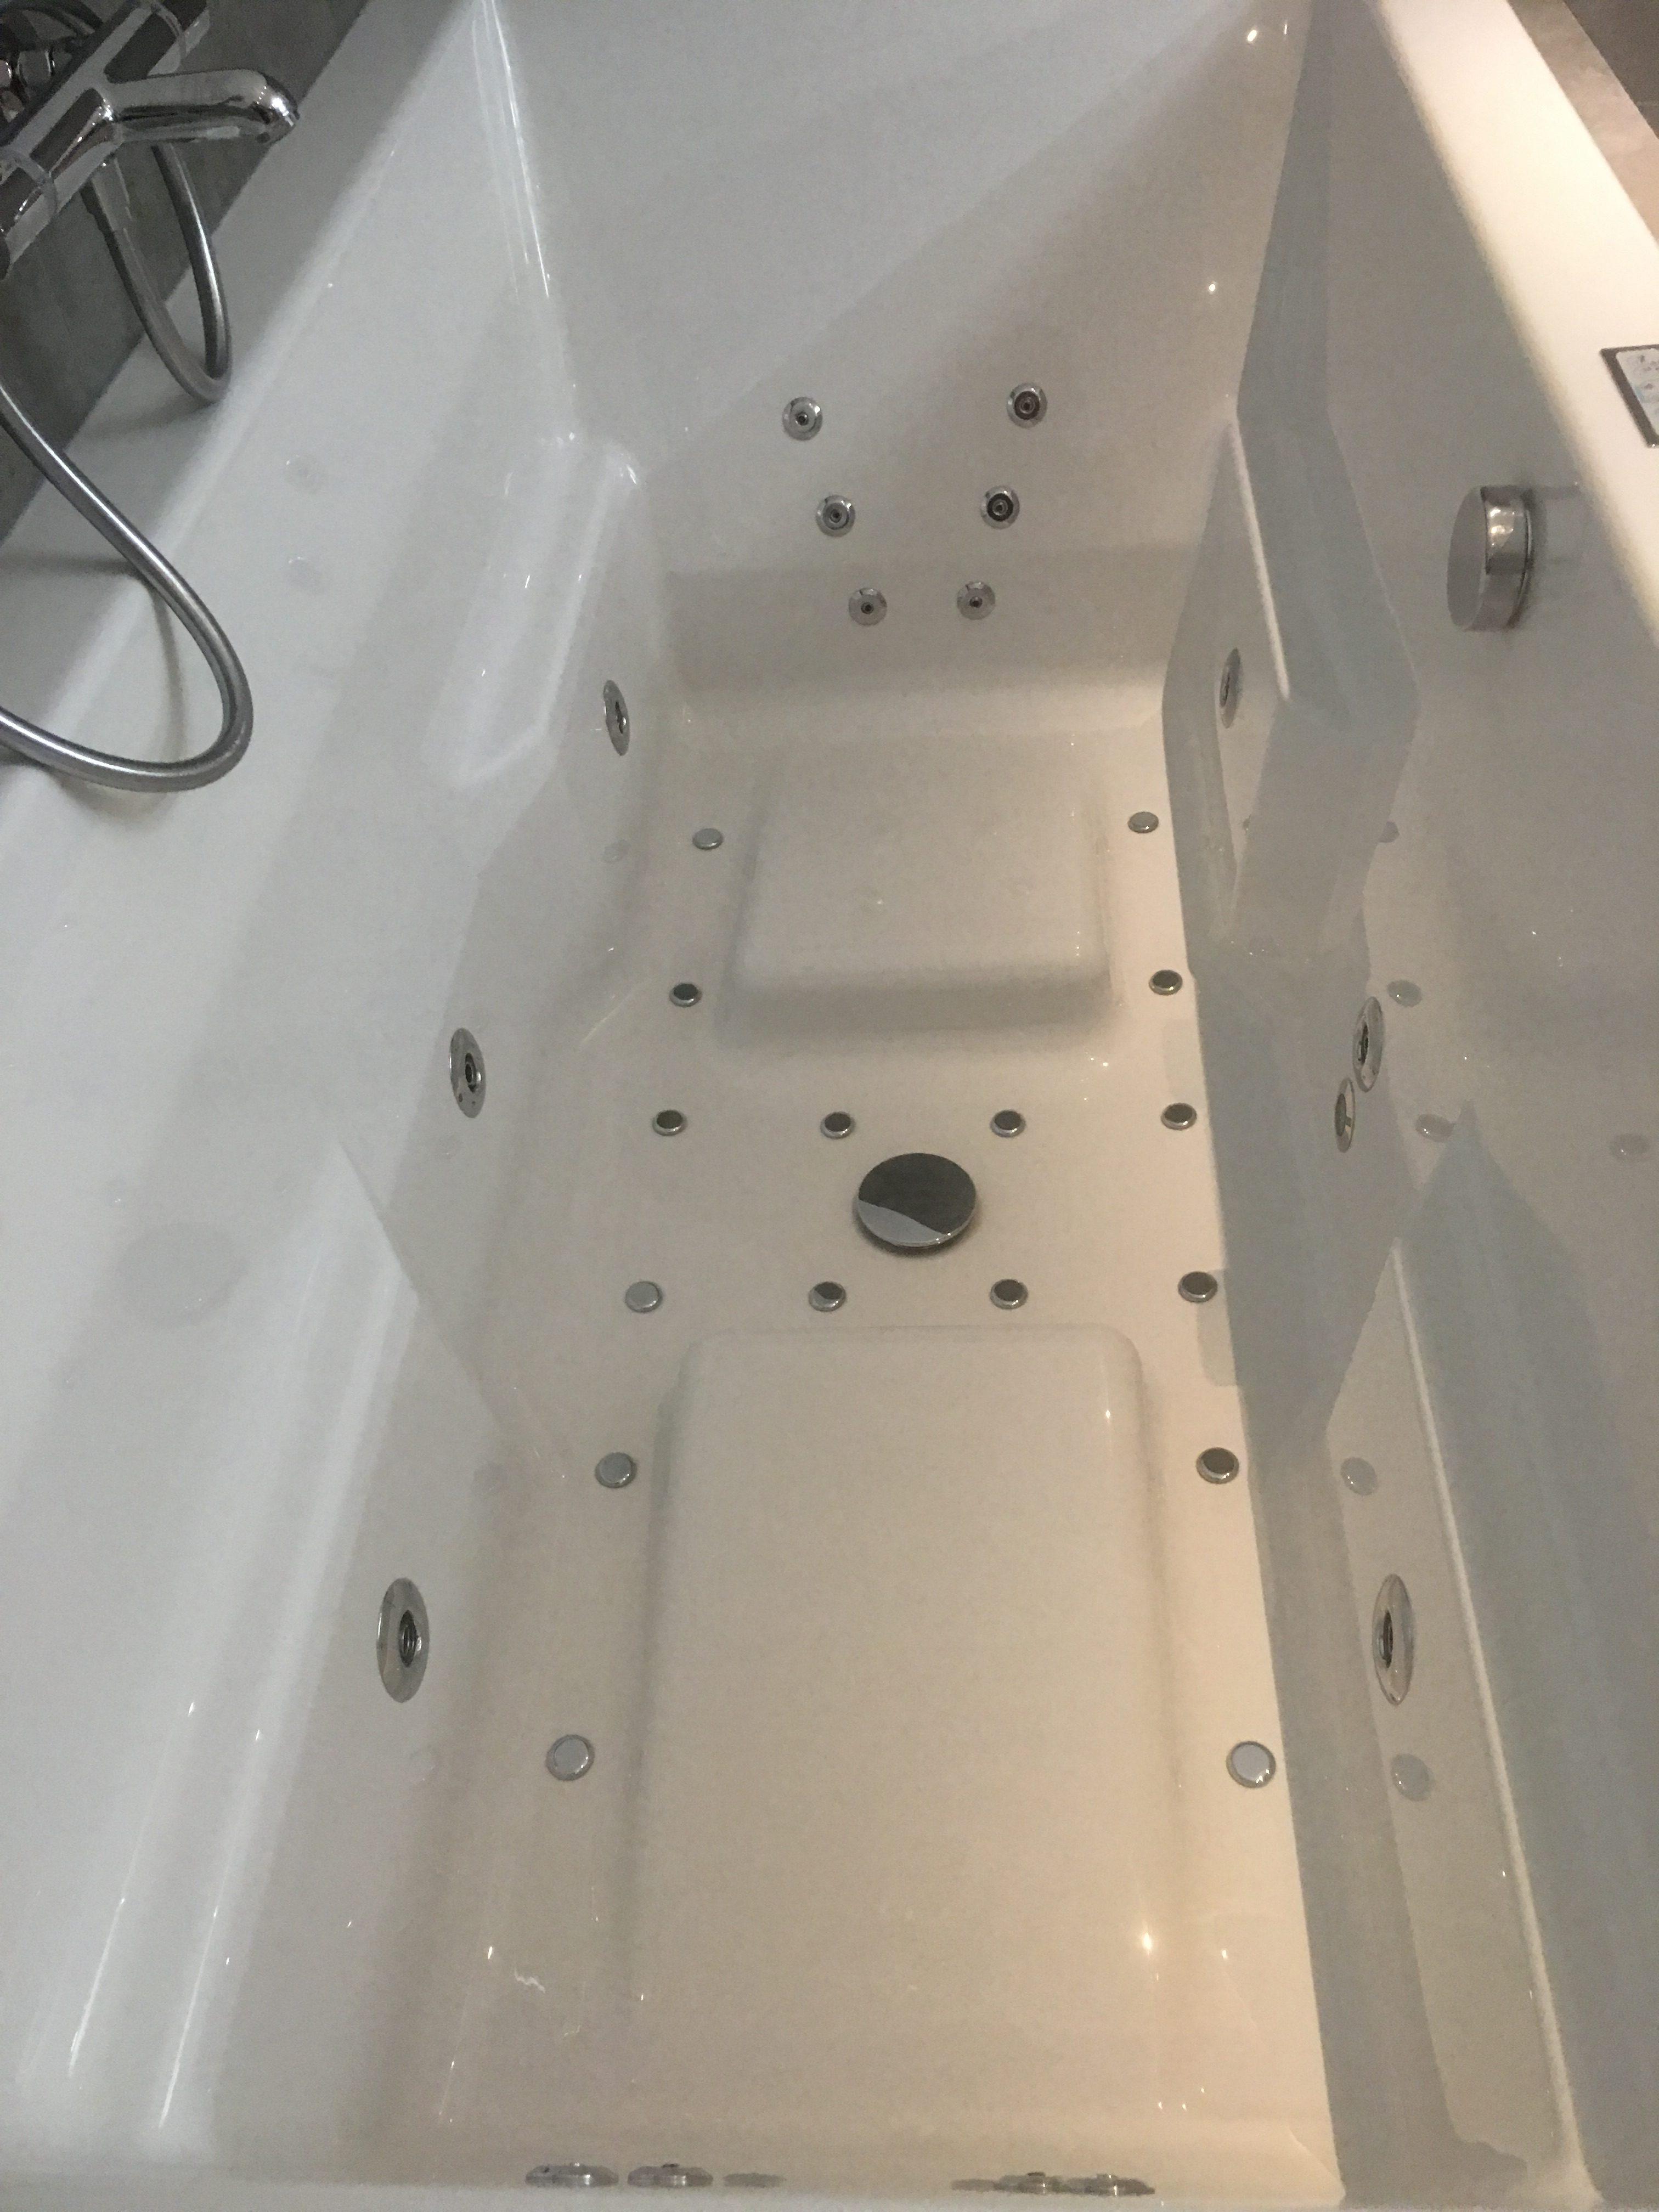 Badkamer renovatie en montage in Lienden - Wiesenekker Badkamerconcepten